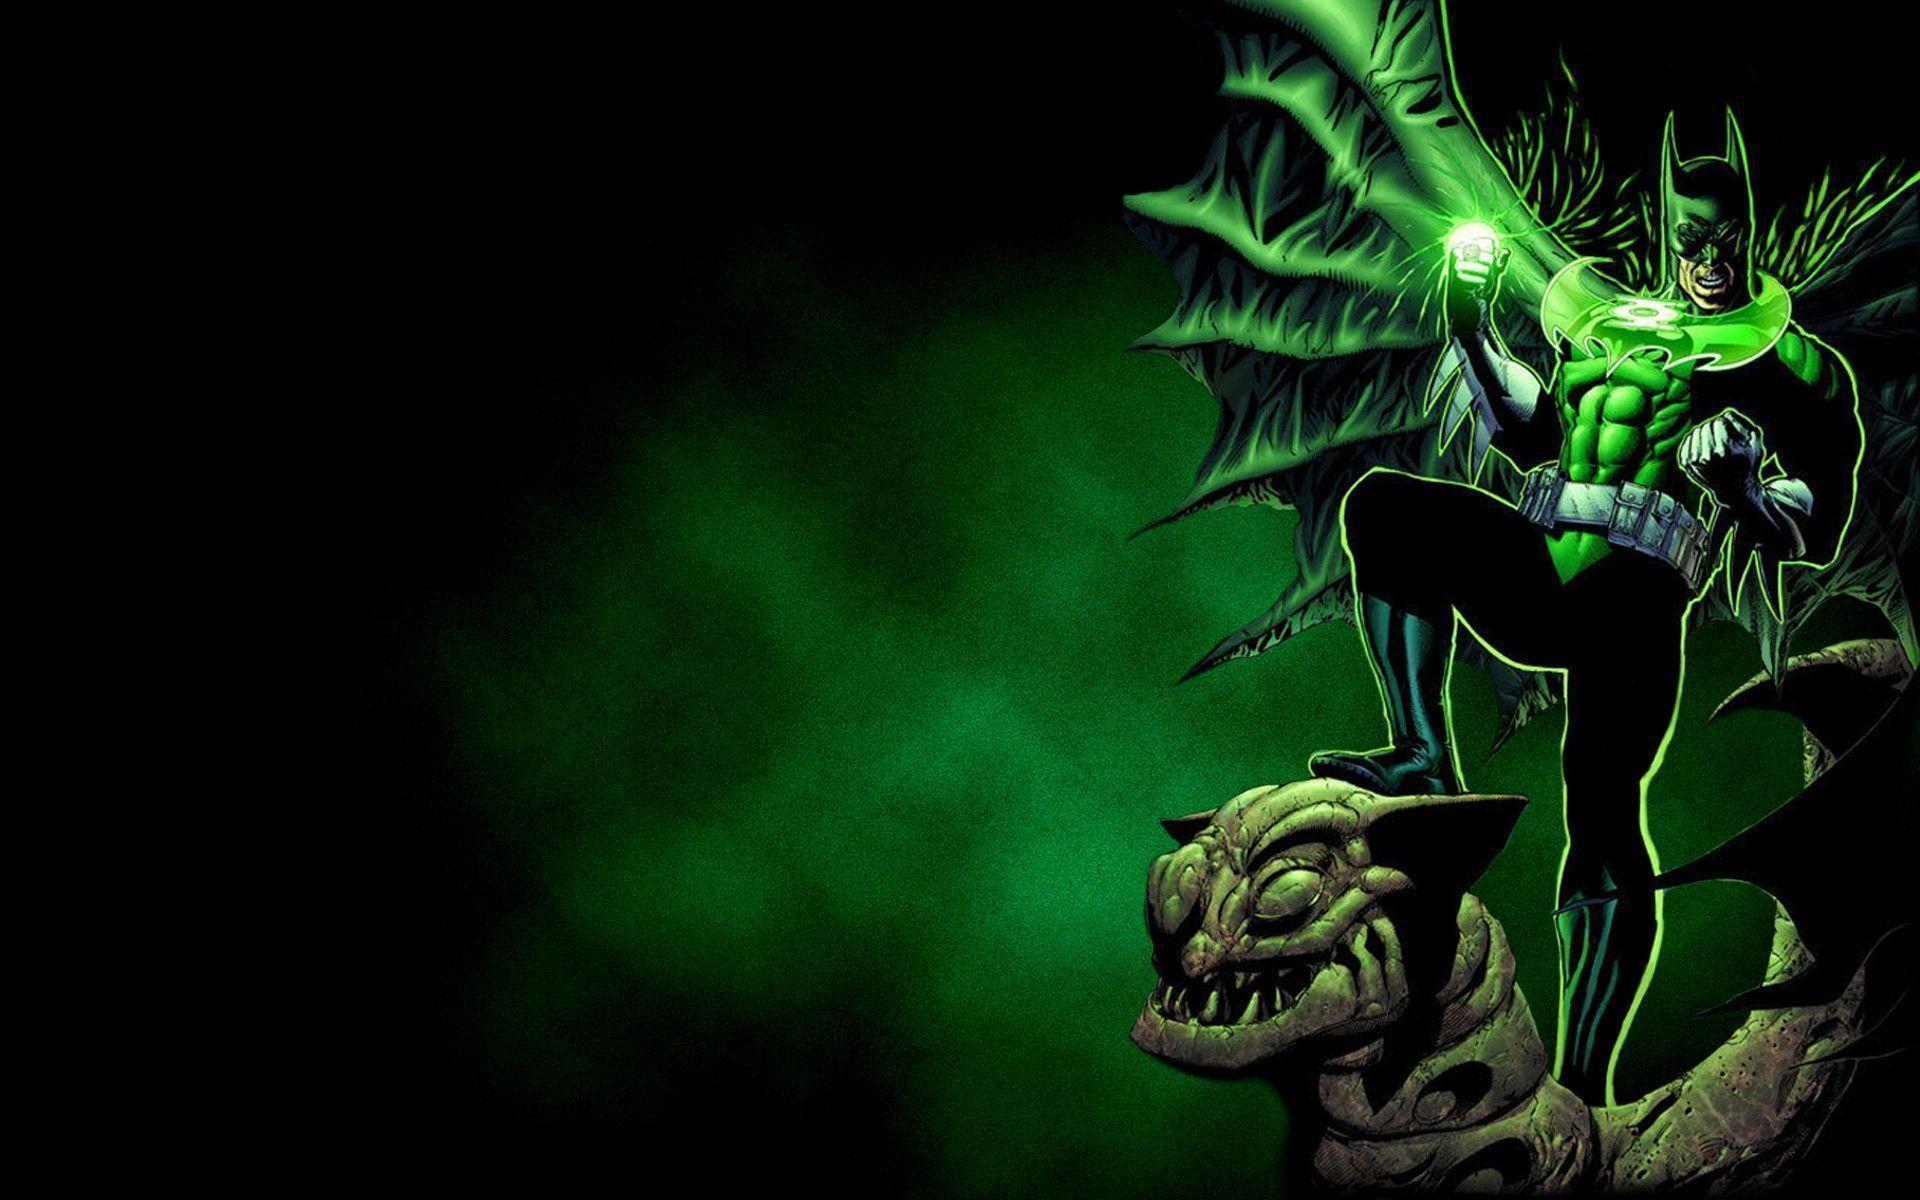 Green Lantern Wallpapers – WallpaperSafari